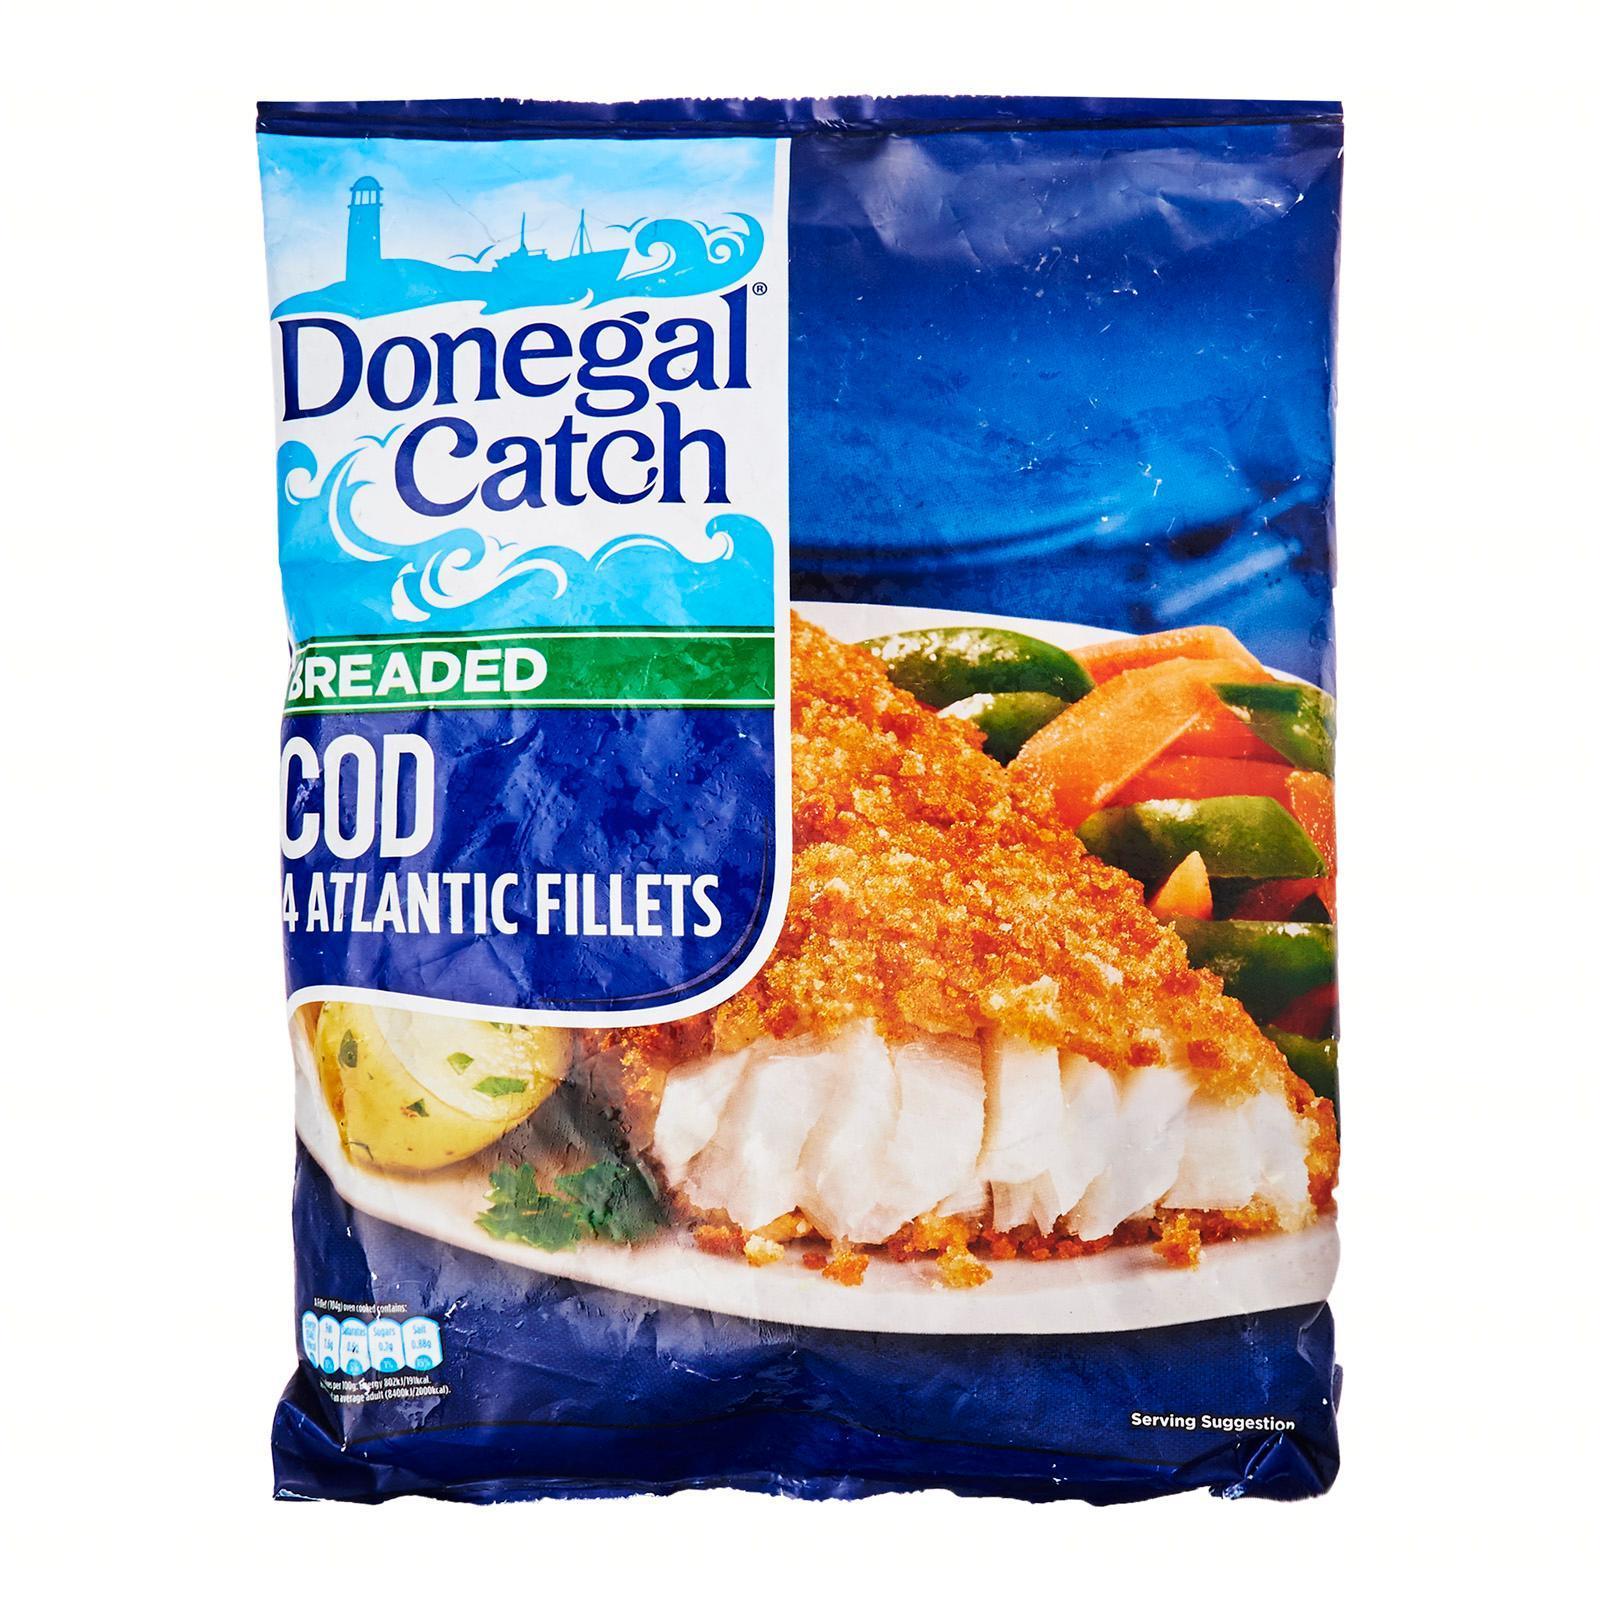 Donegal Catch 4 Breaded Atlantic Cod Fillets - Frozen